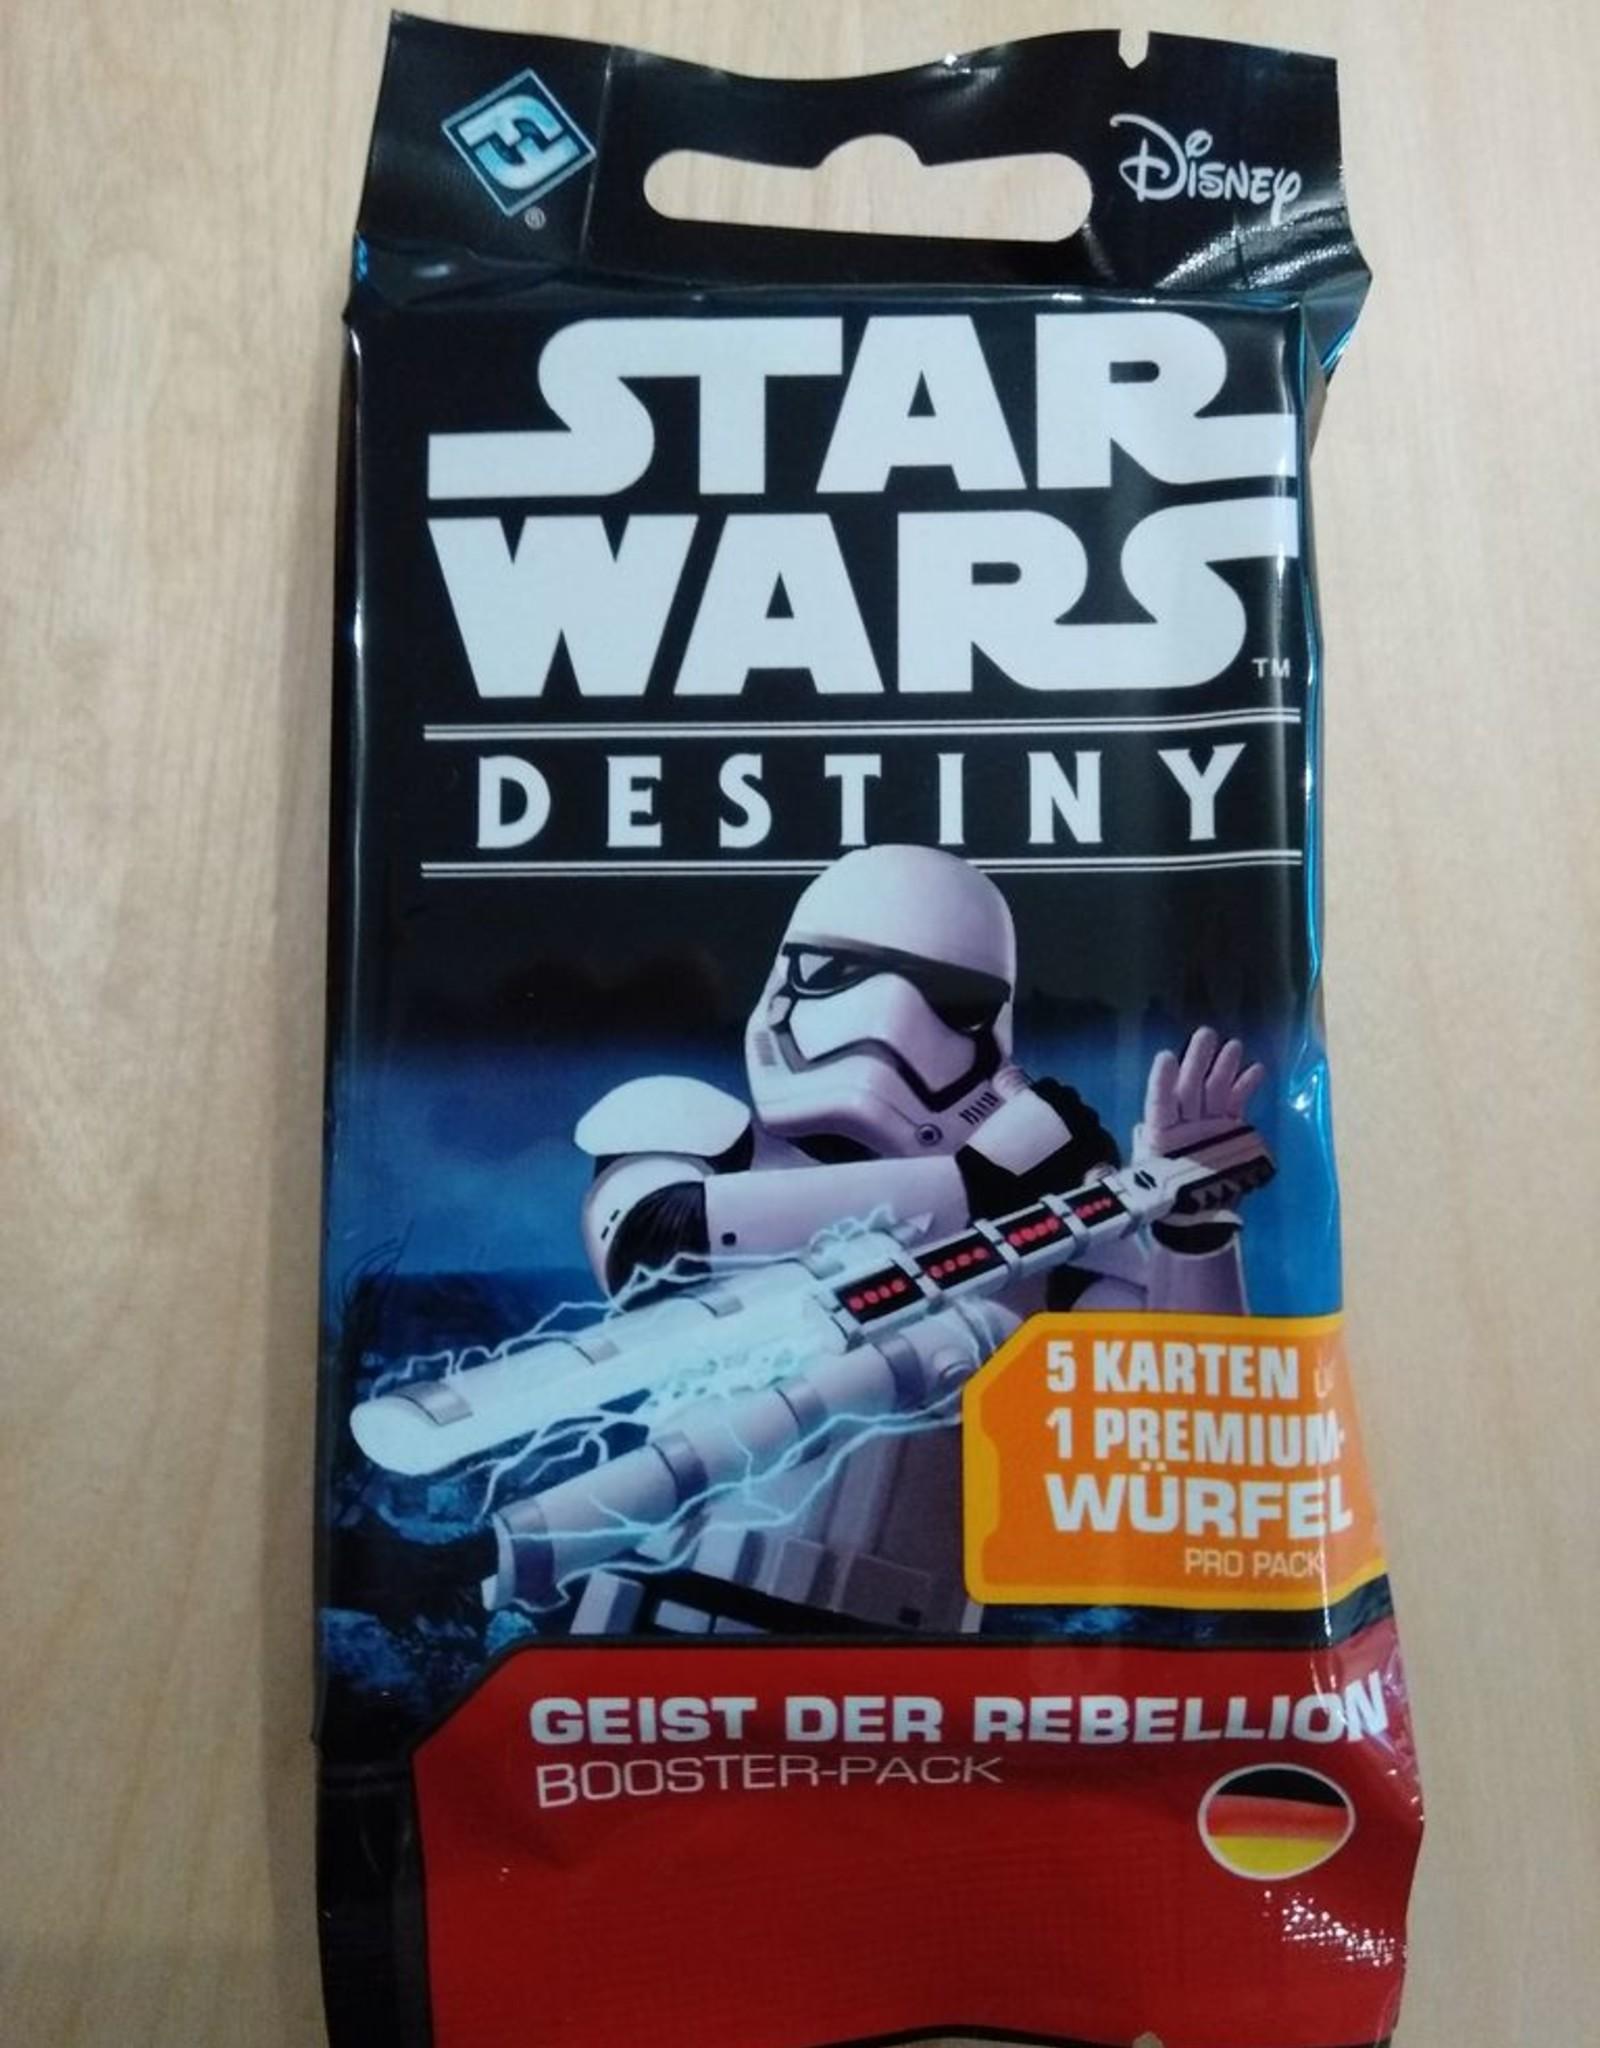 FFG - Star Wars Destiny FFG - Star Wars: Destiny TCDG - Geist der Rebellion Booster - DE